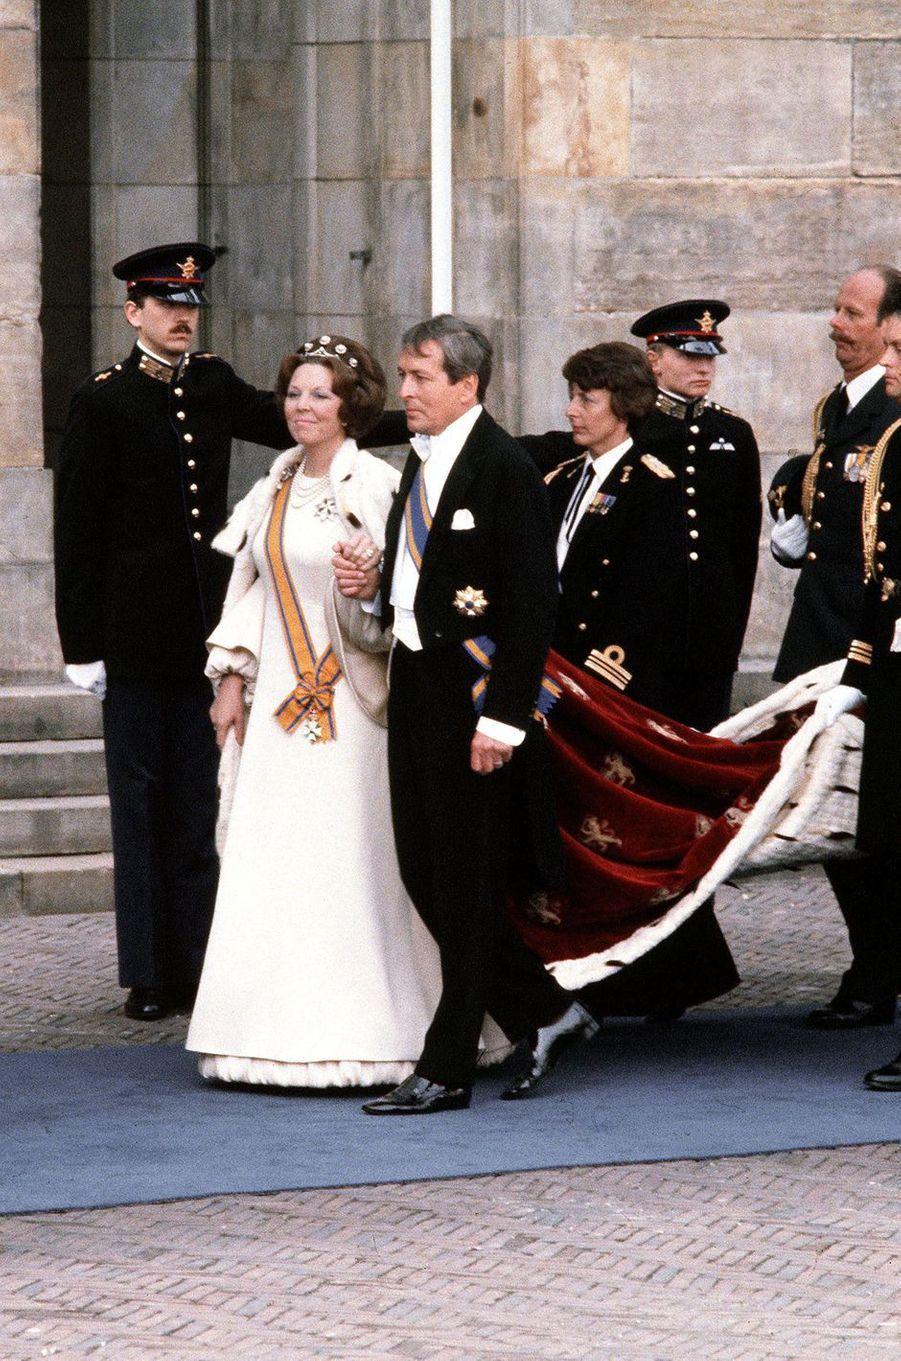 La reine Beatrix des Pays-Bas avec son époux le prince consort Claus, lors de son intronisation le 30 avril 1980 à Amsterdam